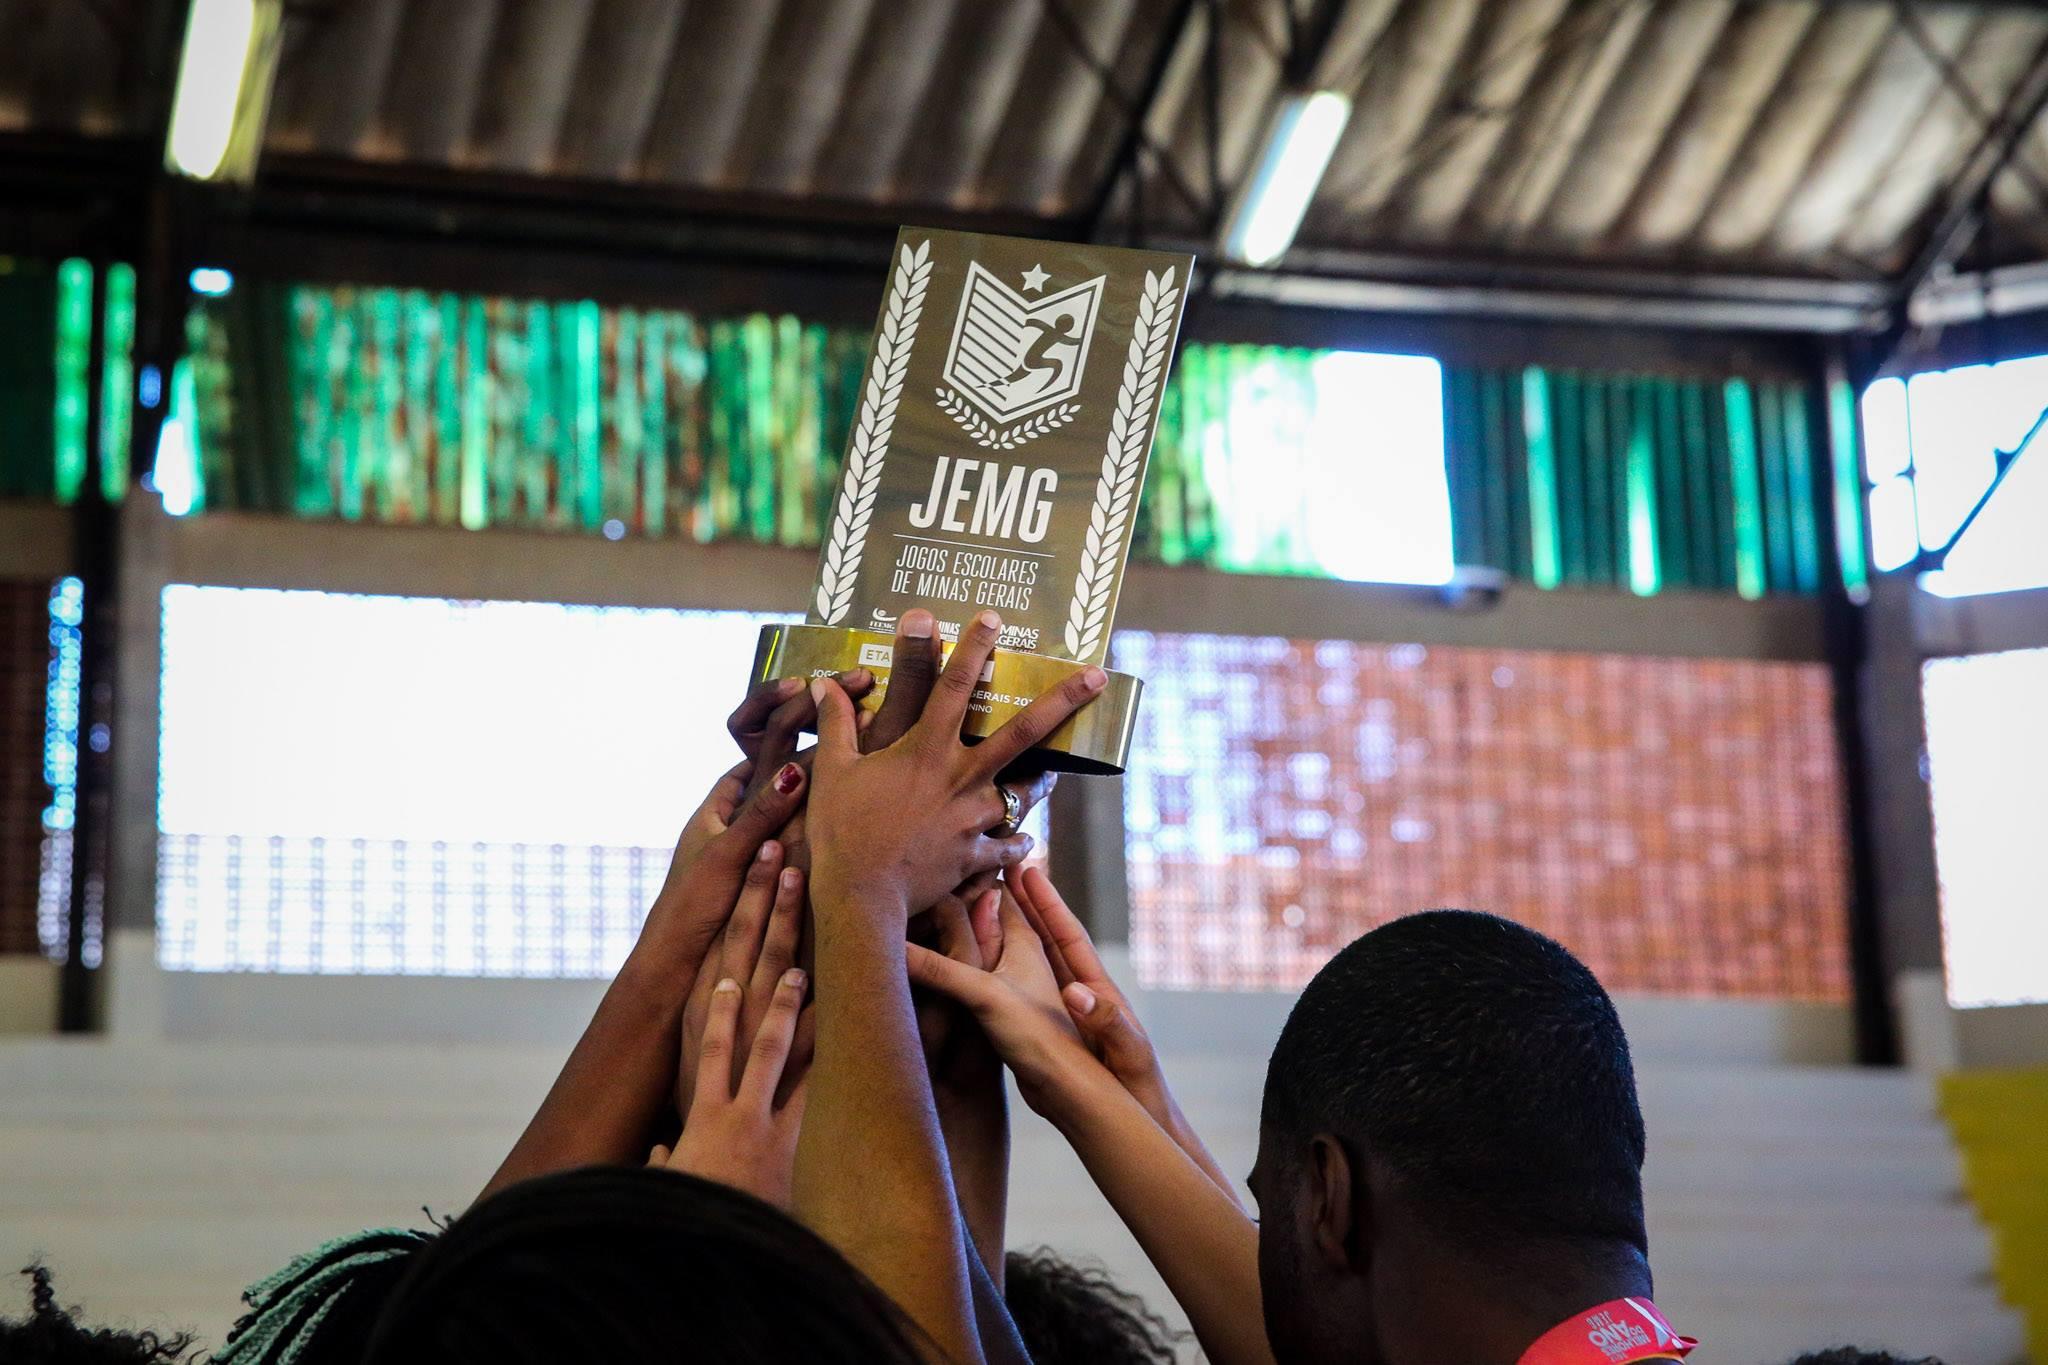 Inscrições para o Jemg batem novo recorde